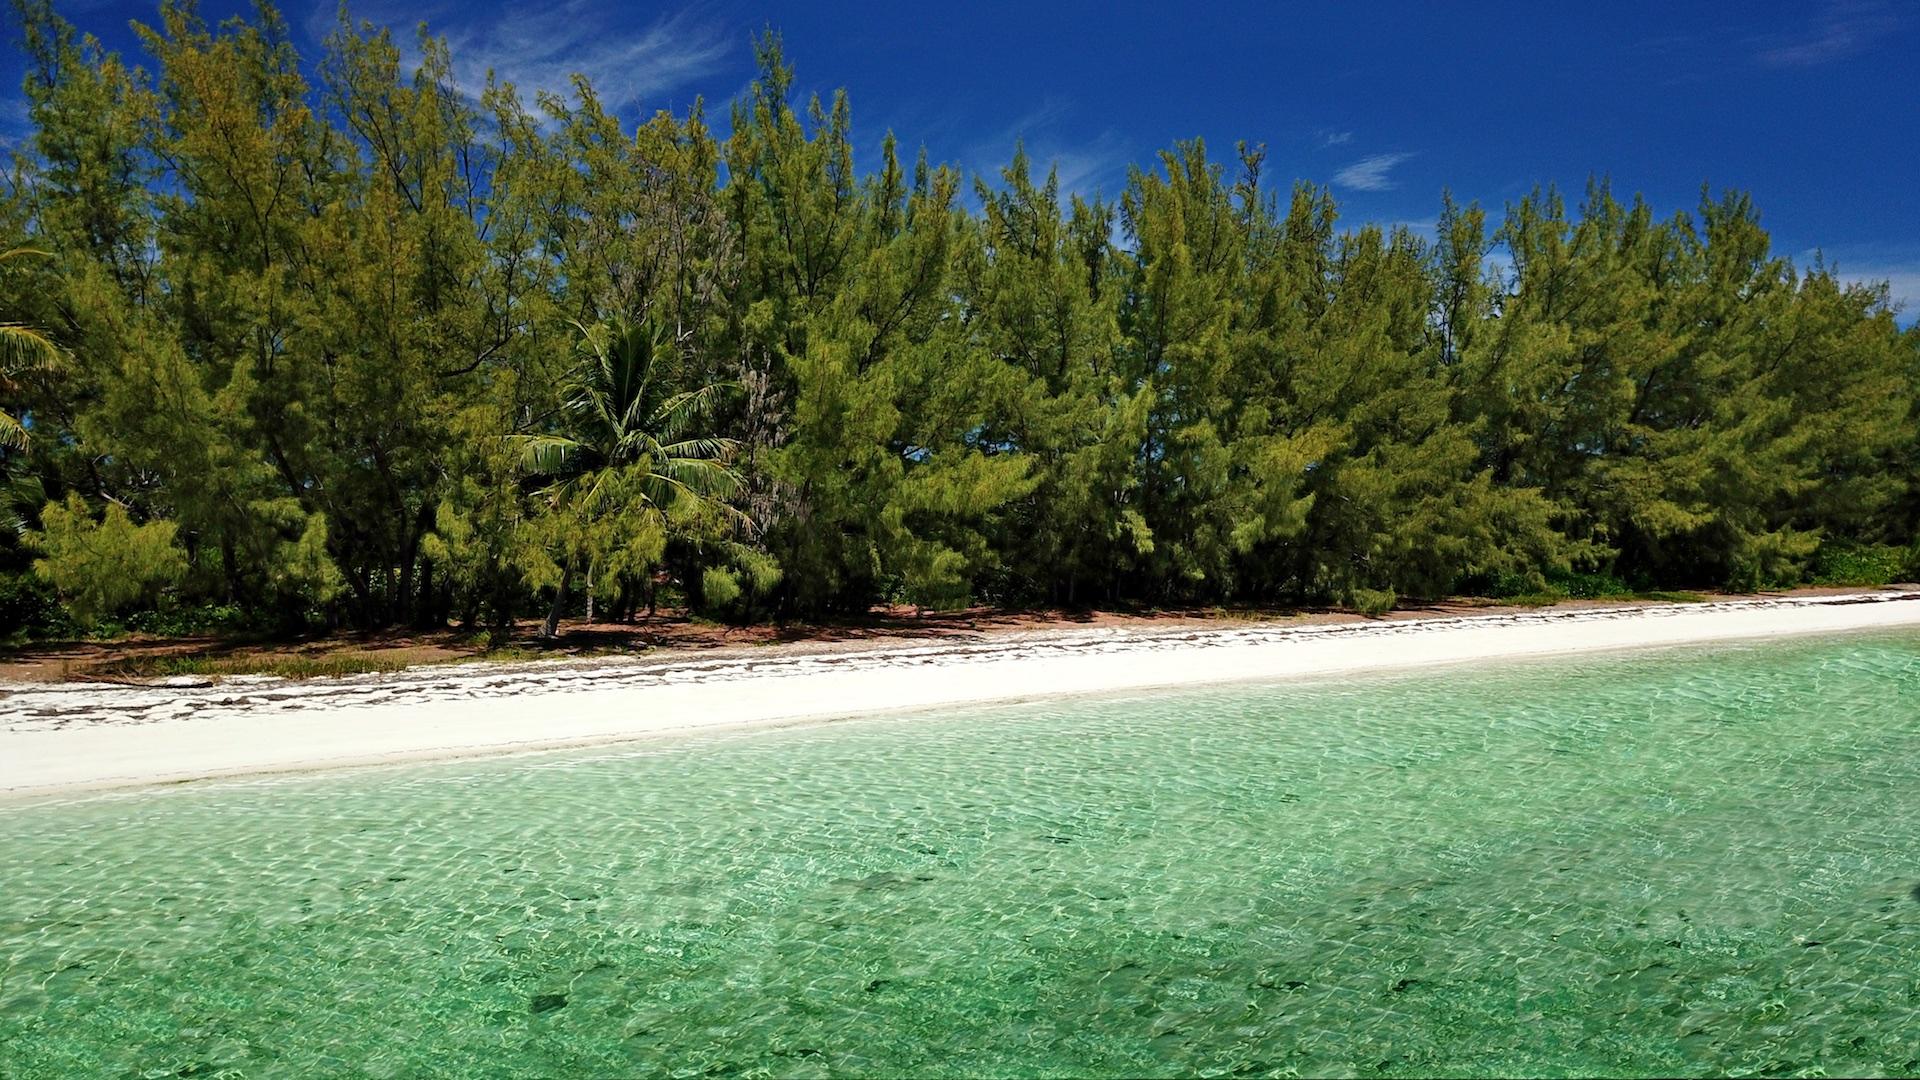 sea-to-sea acreage on Munjack Cay, Abaco for sale